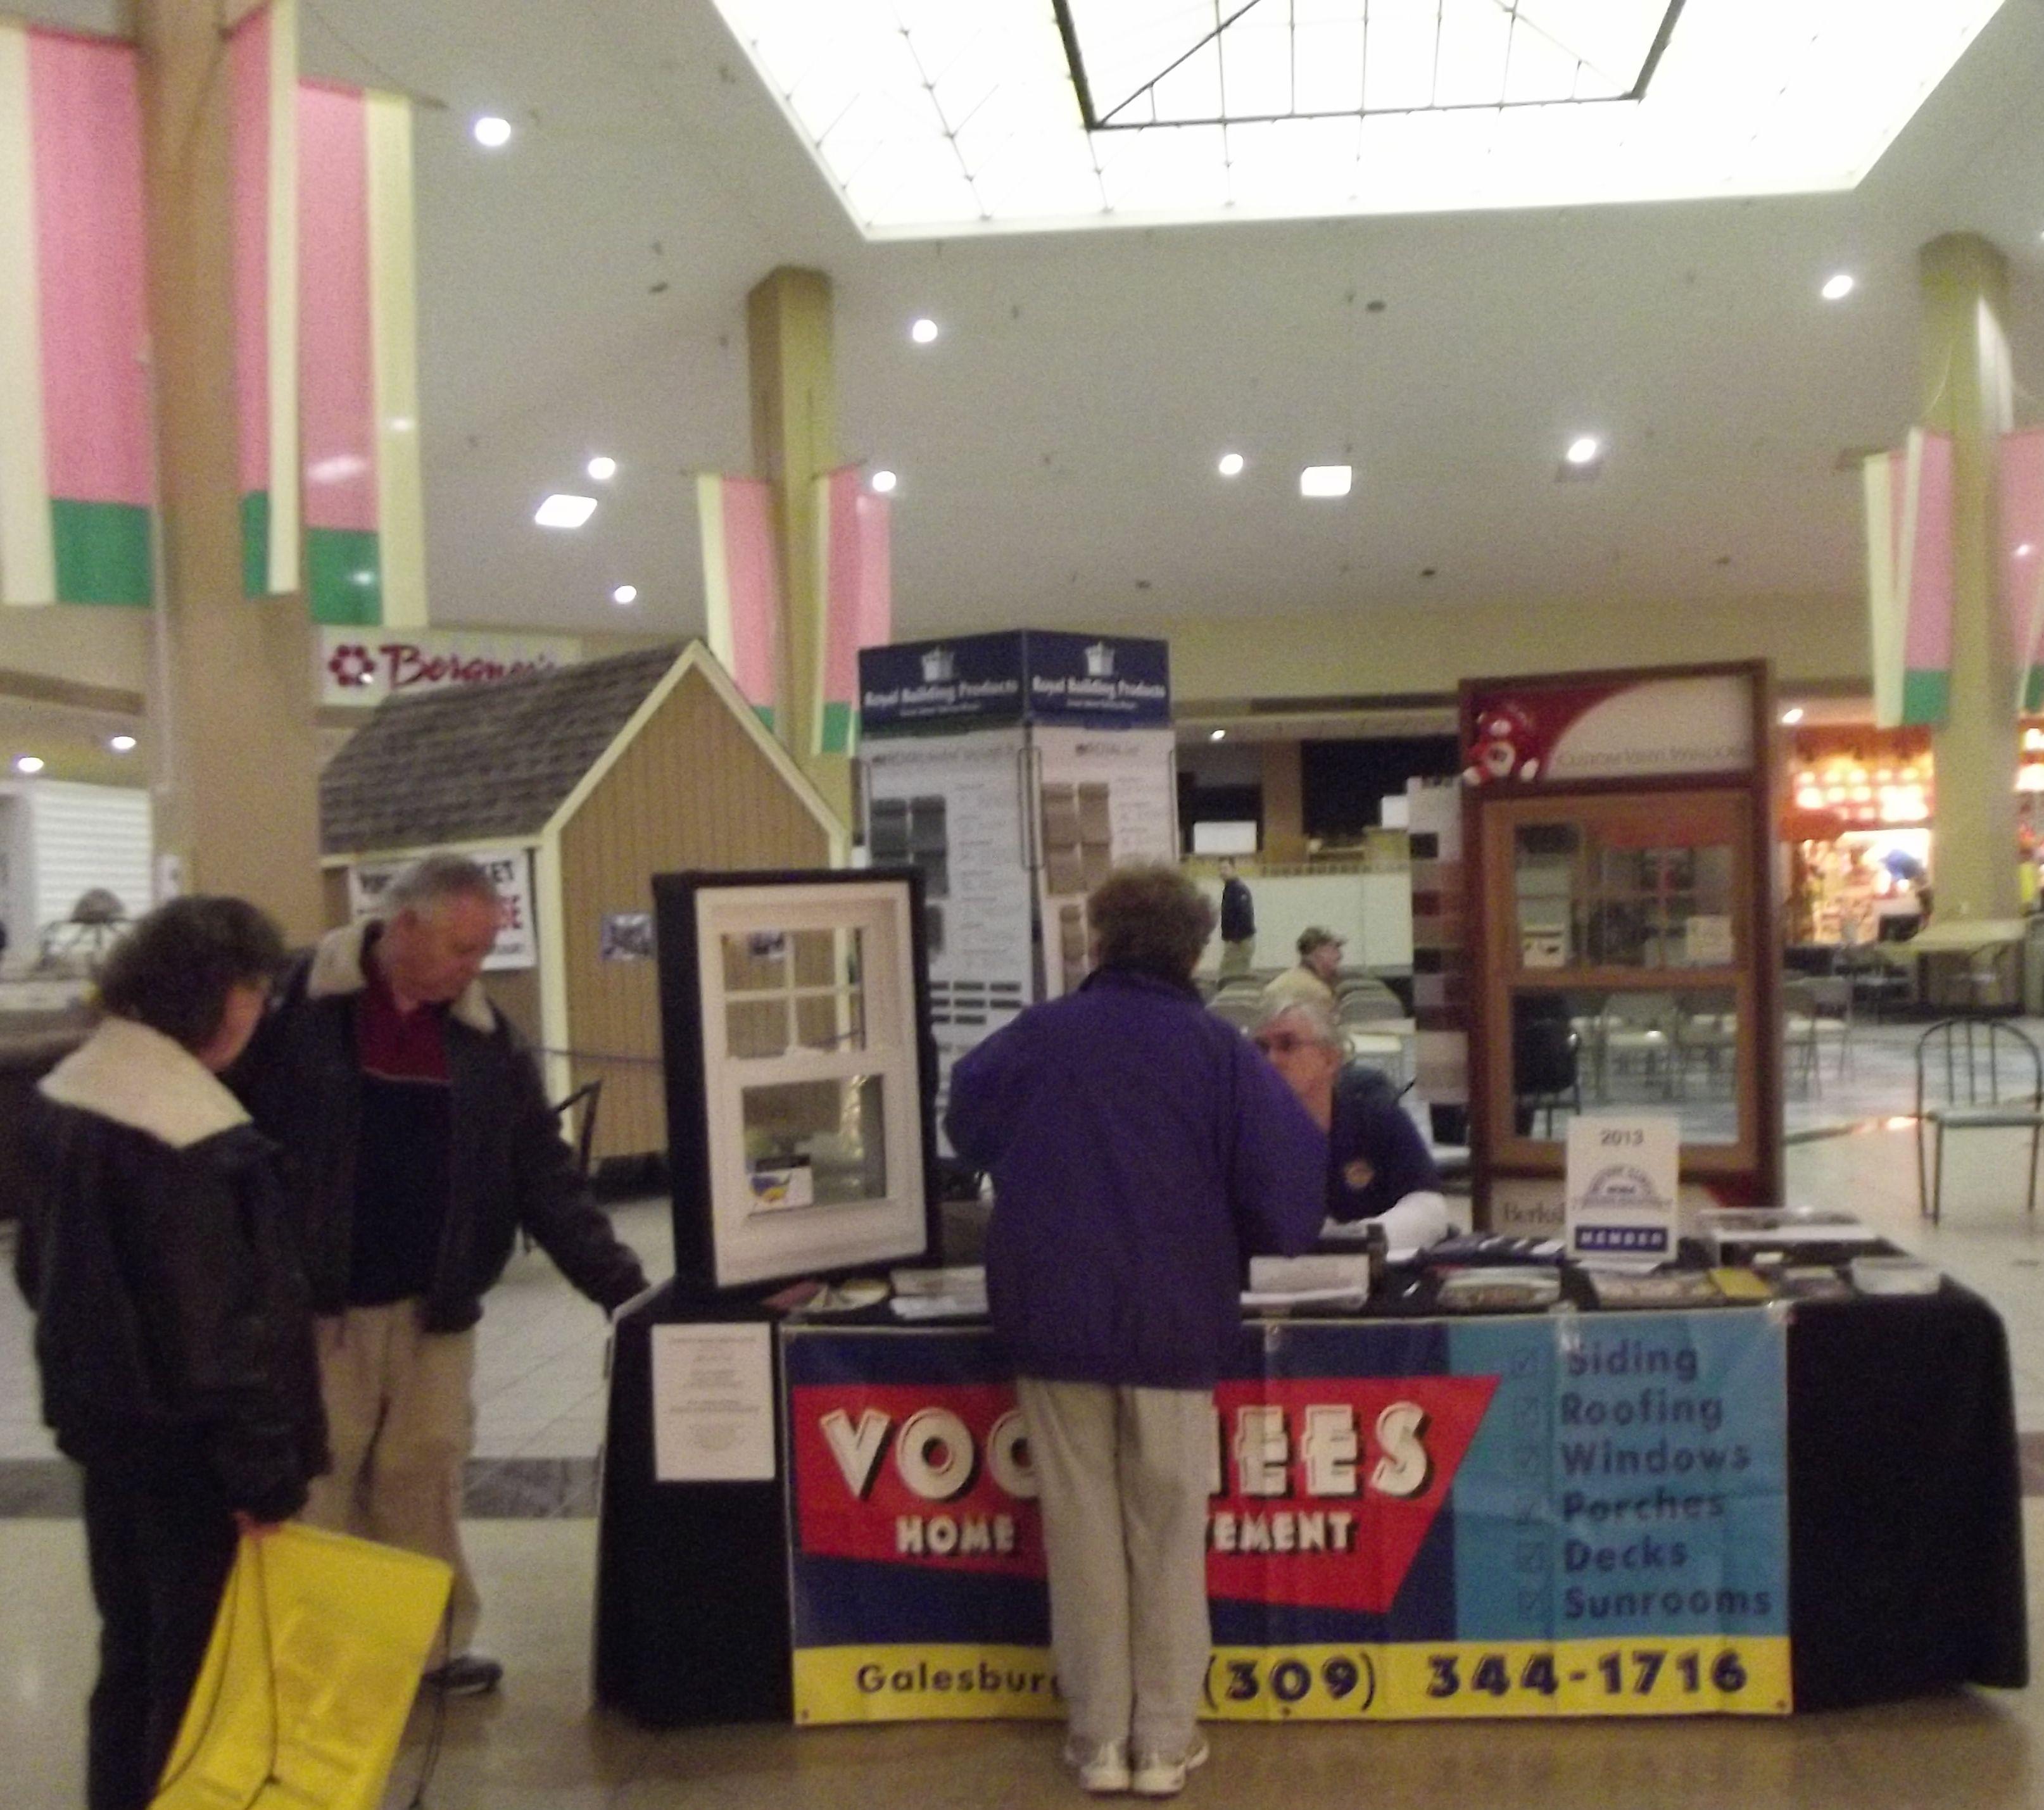 Voorhees Home Improvement 513 N Henderson St Galesburg Il